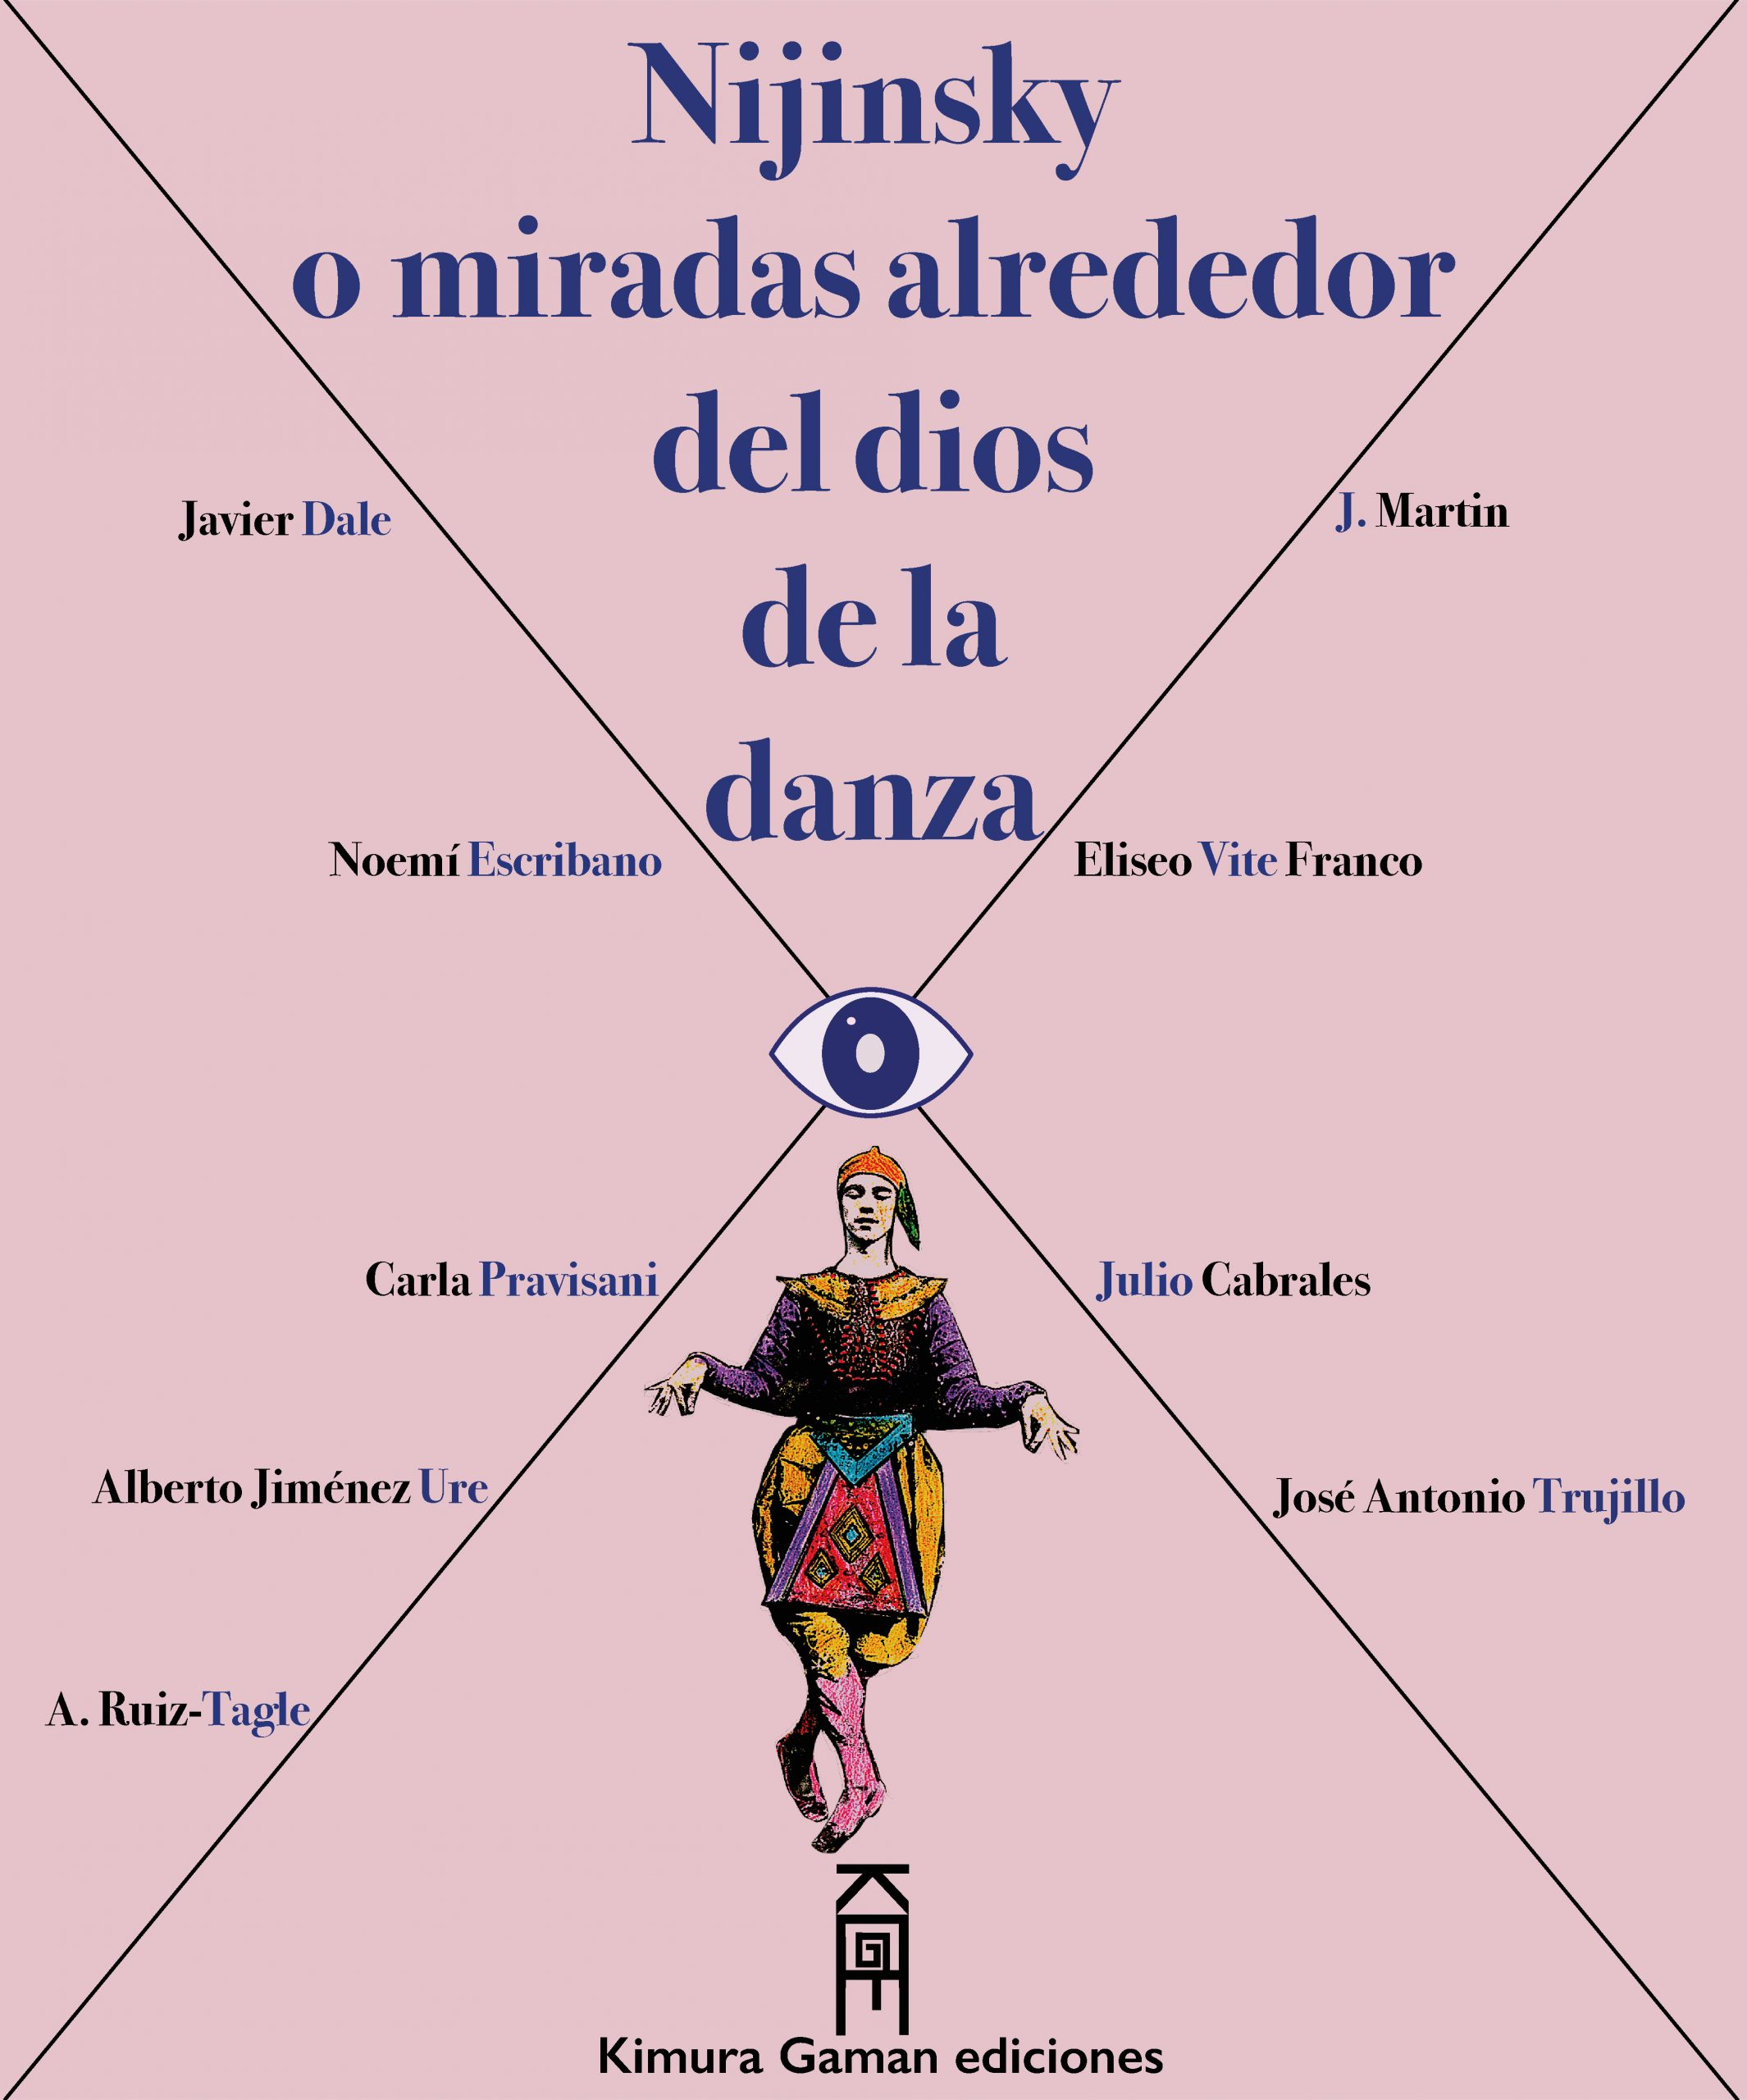 Nijinsky o miradas alrededor del dios de la danza